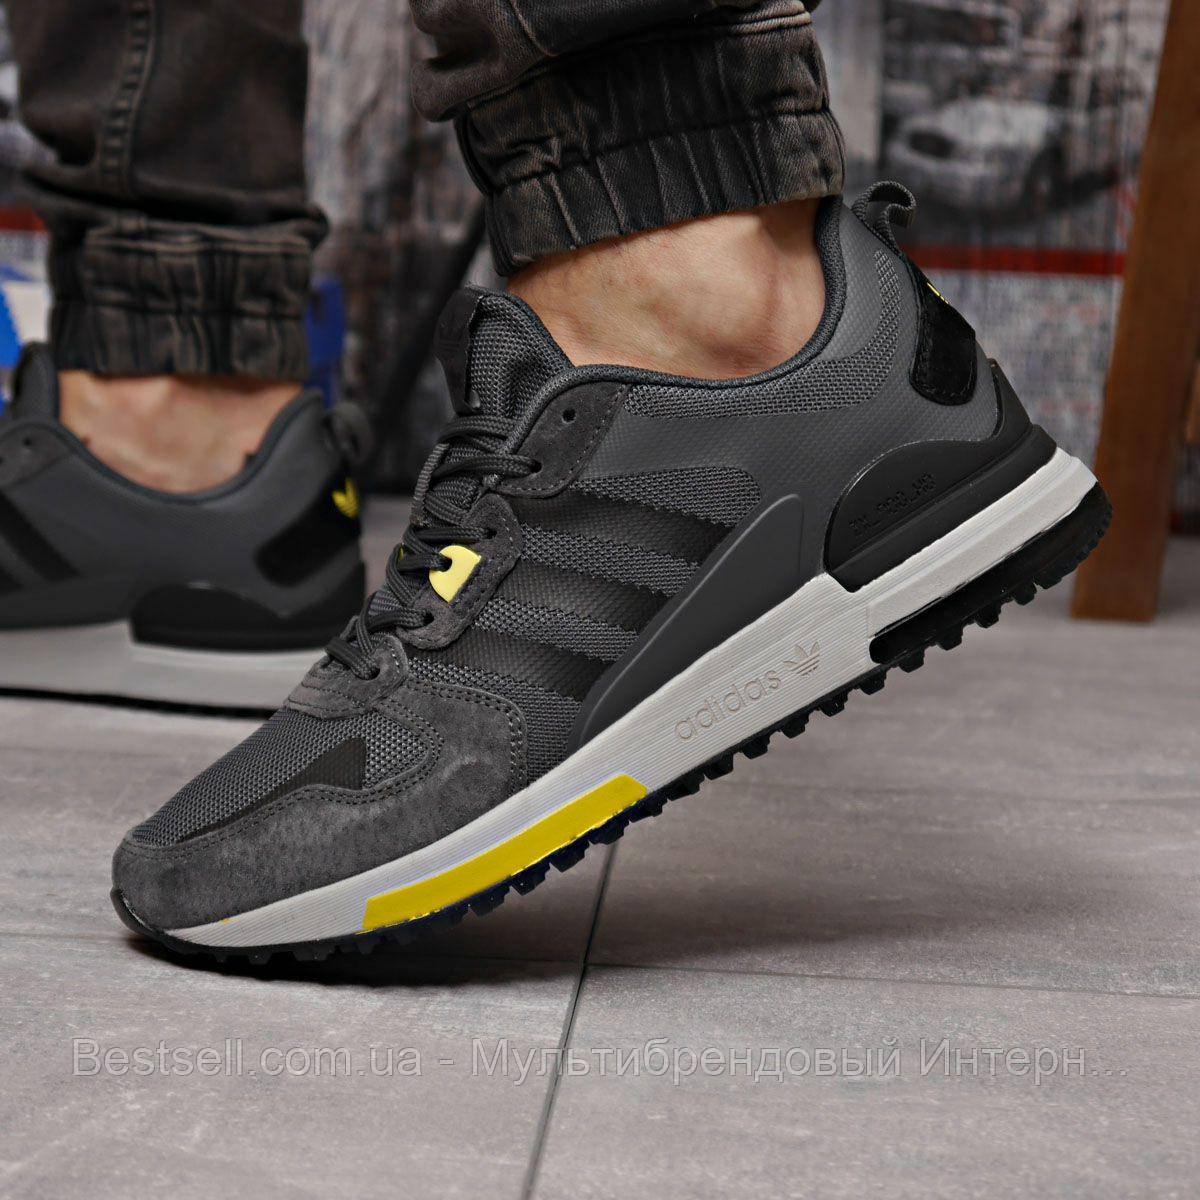 Кросівки чоловічі 18281, Adidas Zx 700 HO, темно-сірі, [ 42 ] р. 41-26,0 див.